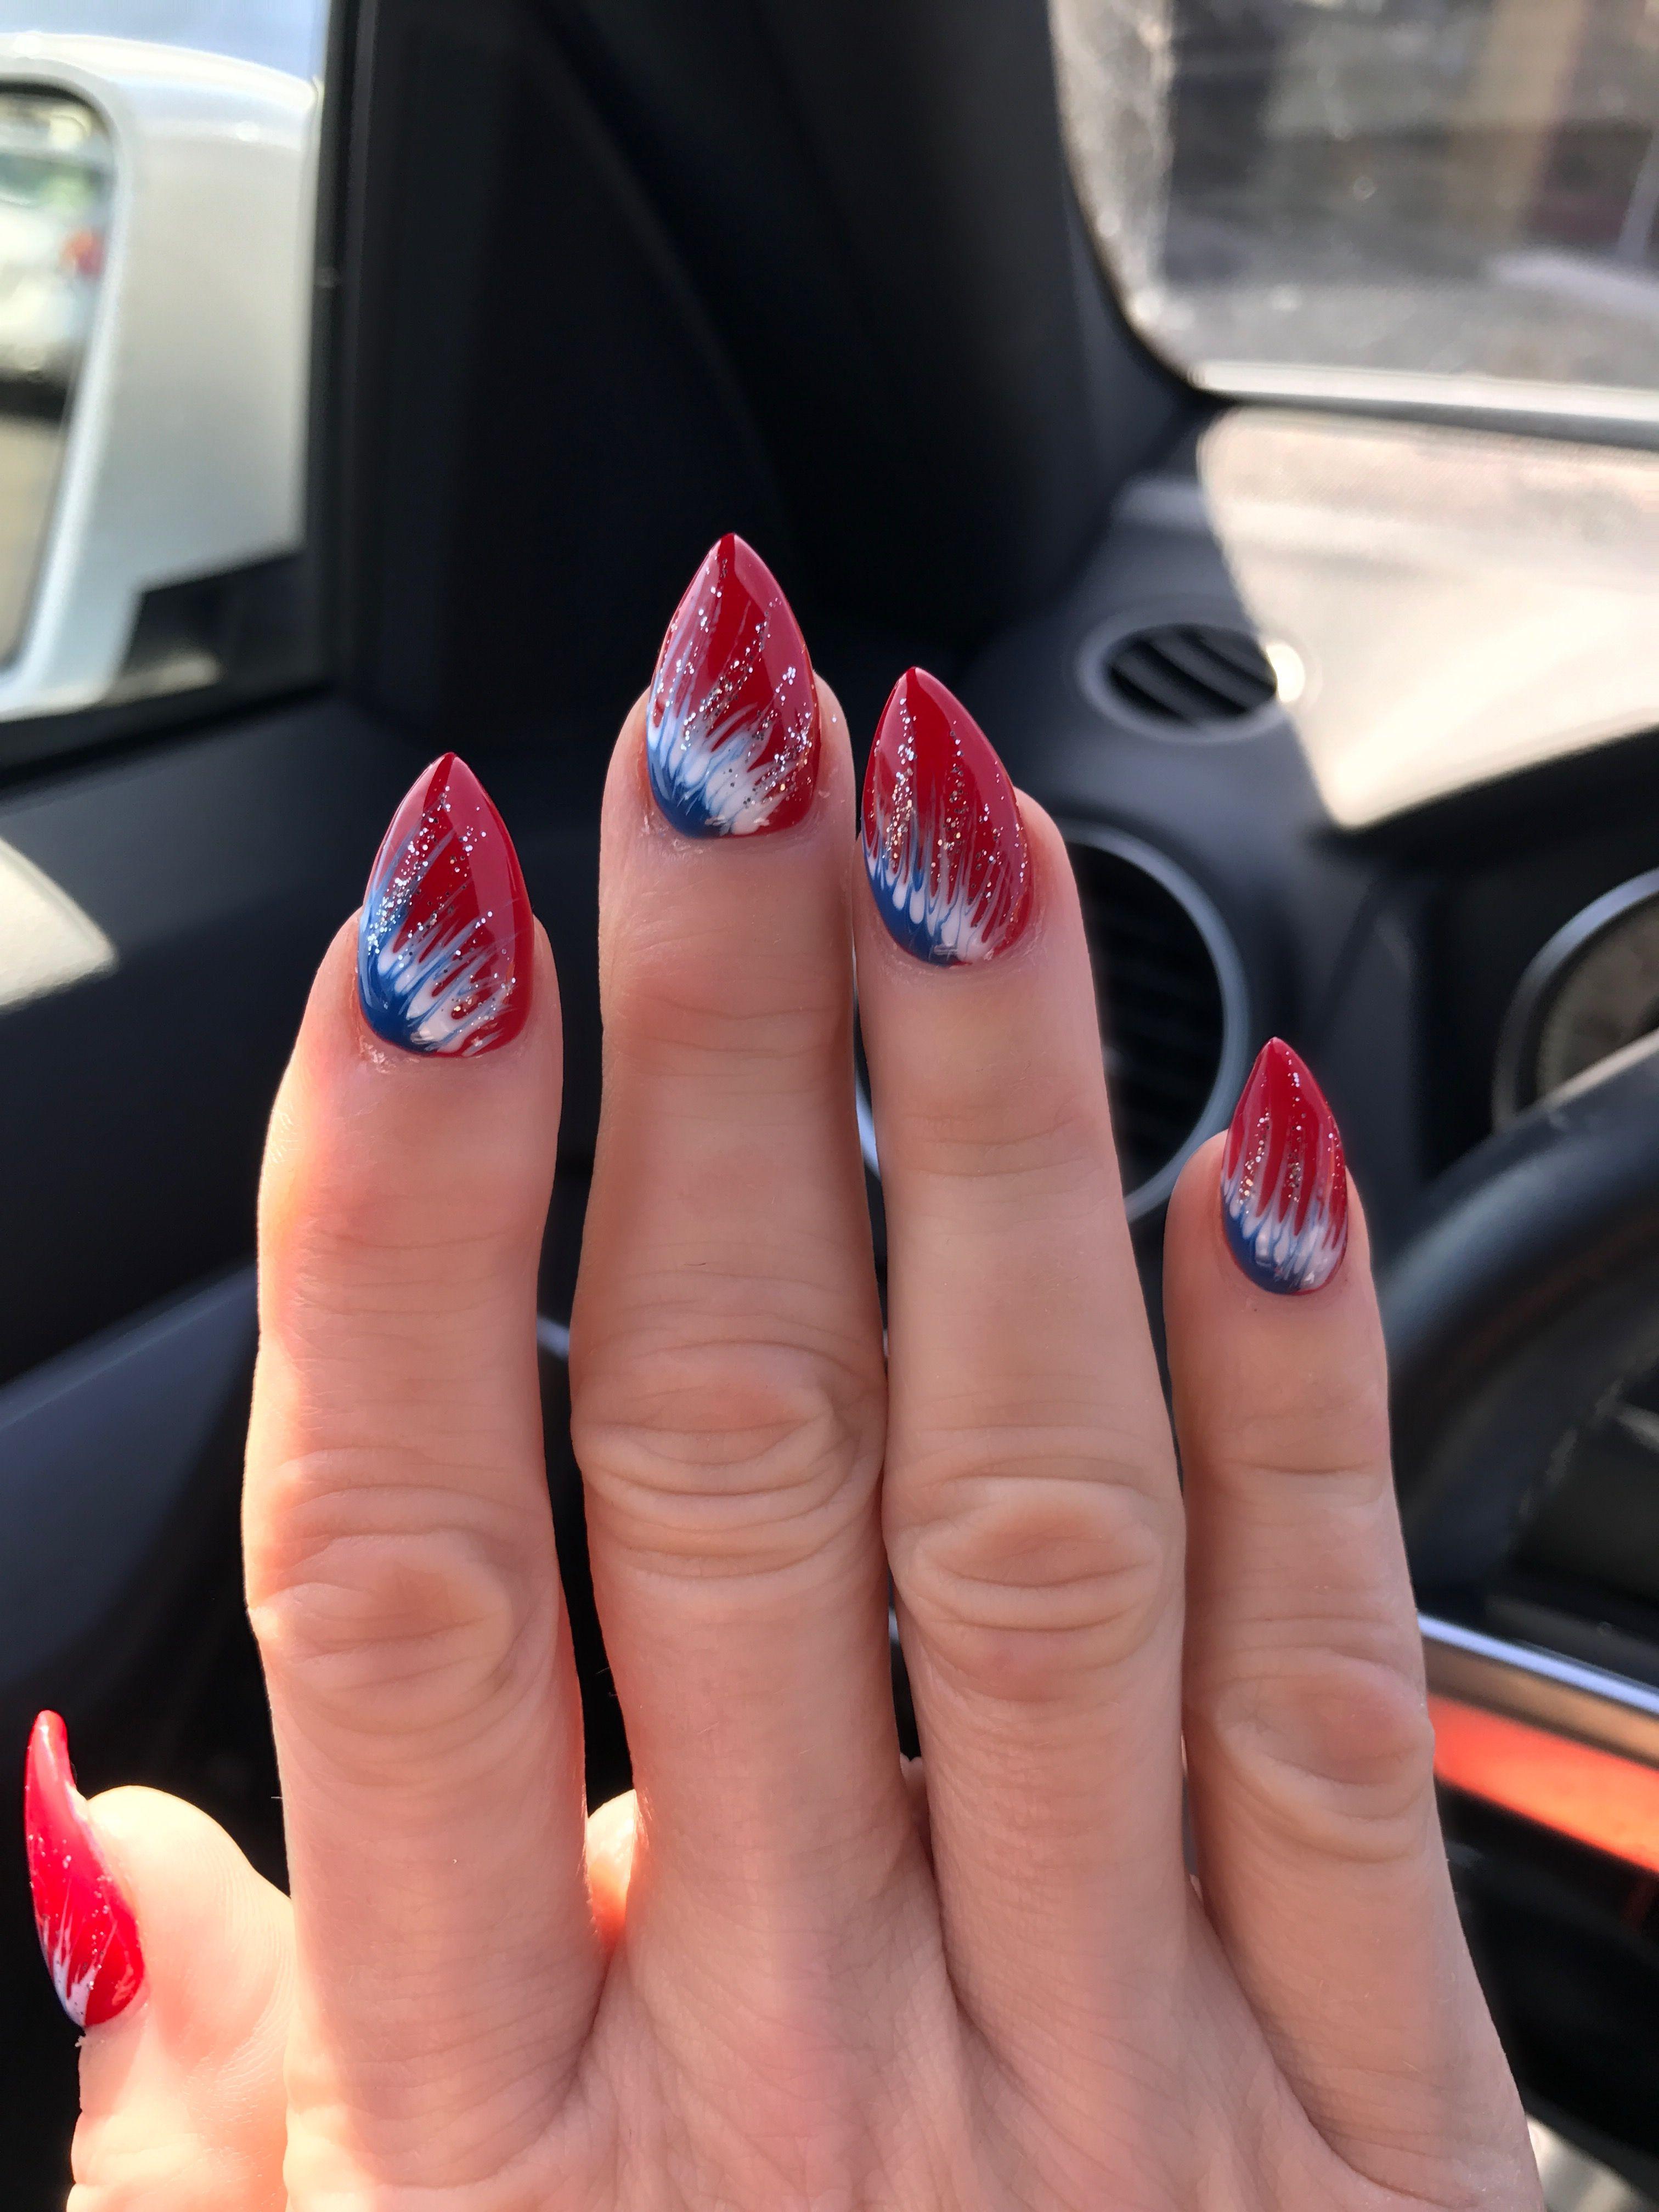 New England Patriots Nail Design Patriotic Nails Design Nails New Year S Nails